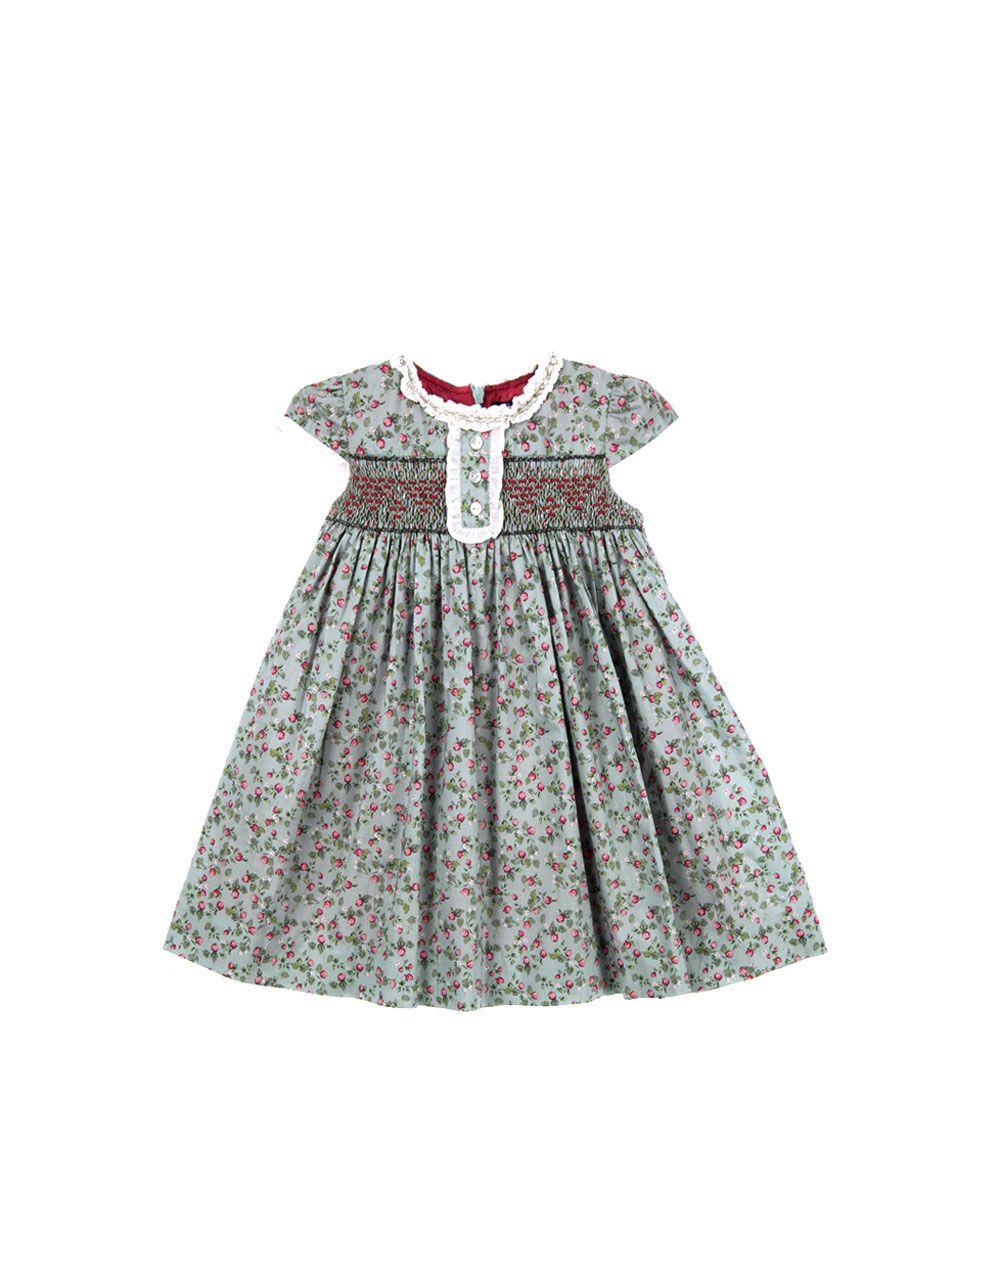 c3bb246b7 Vestido de niña Tizzas - Niña - Vestidos - El Corte Inglés - Moda ...